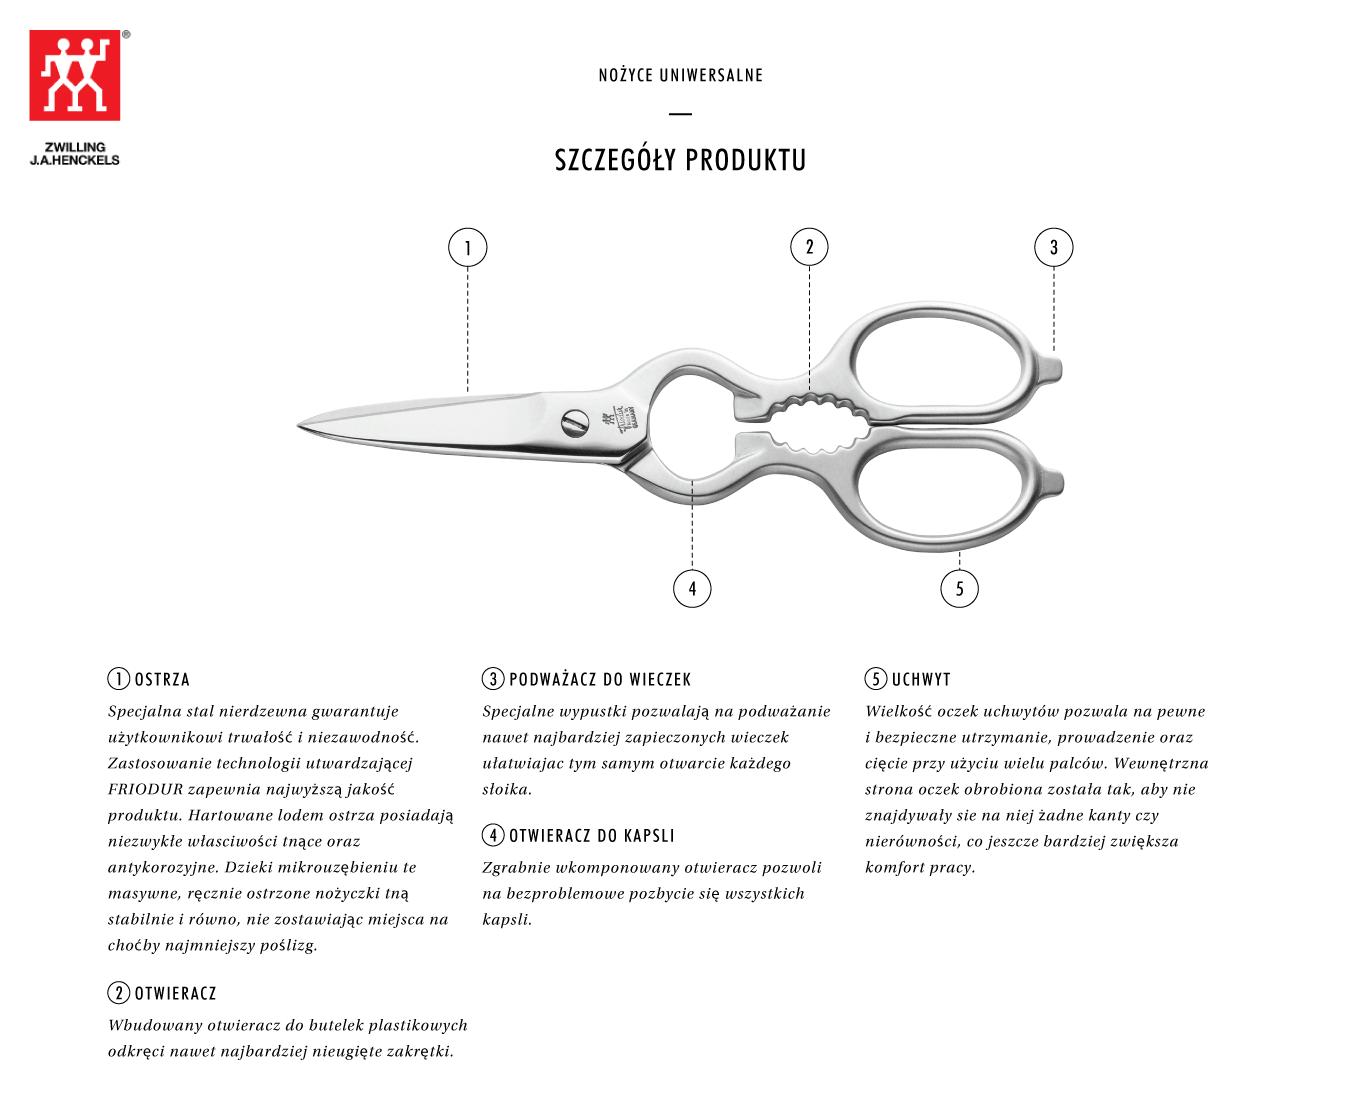 Dlaczego warto kupić satynowe nożyce uniwersalne Zwilling®?